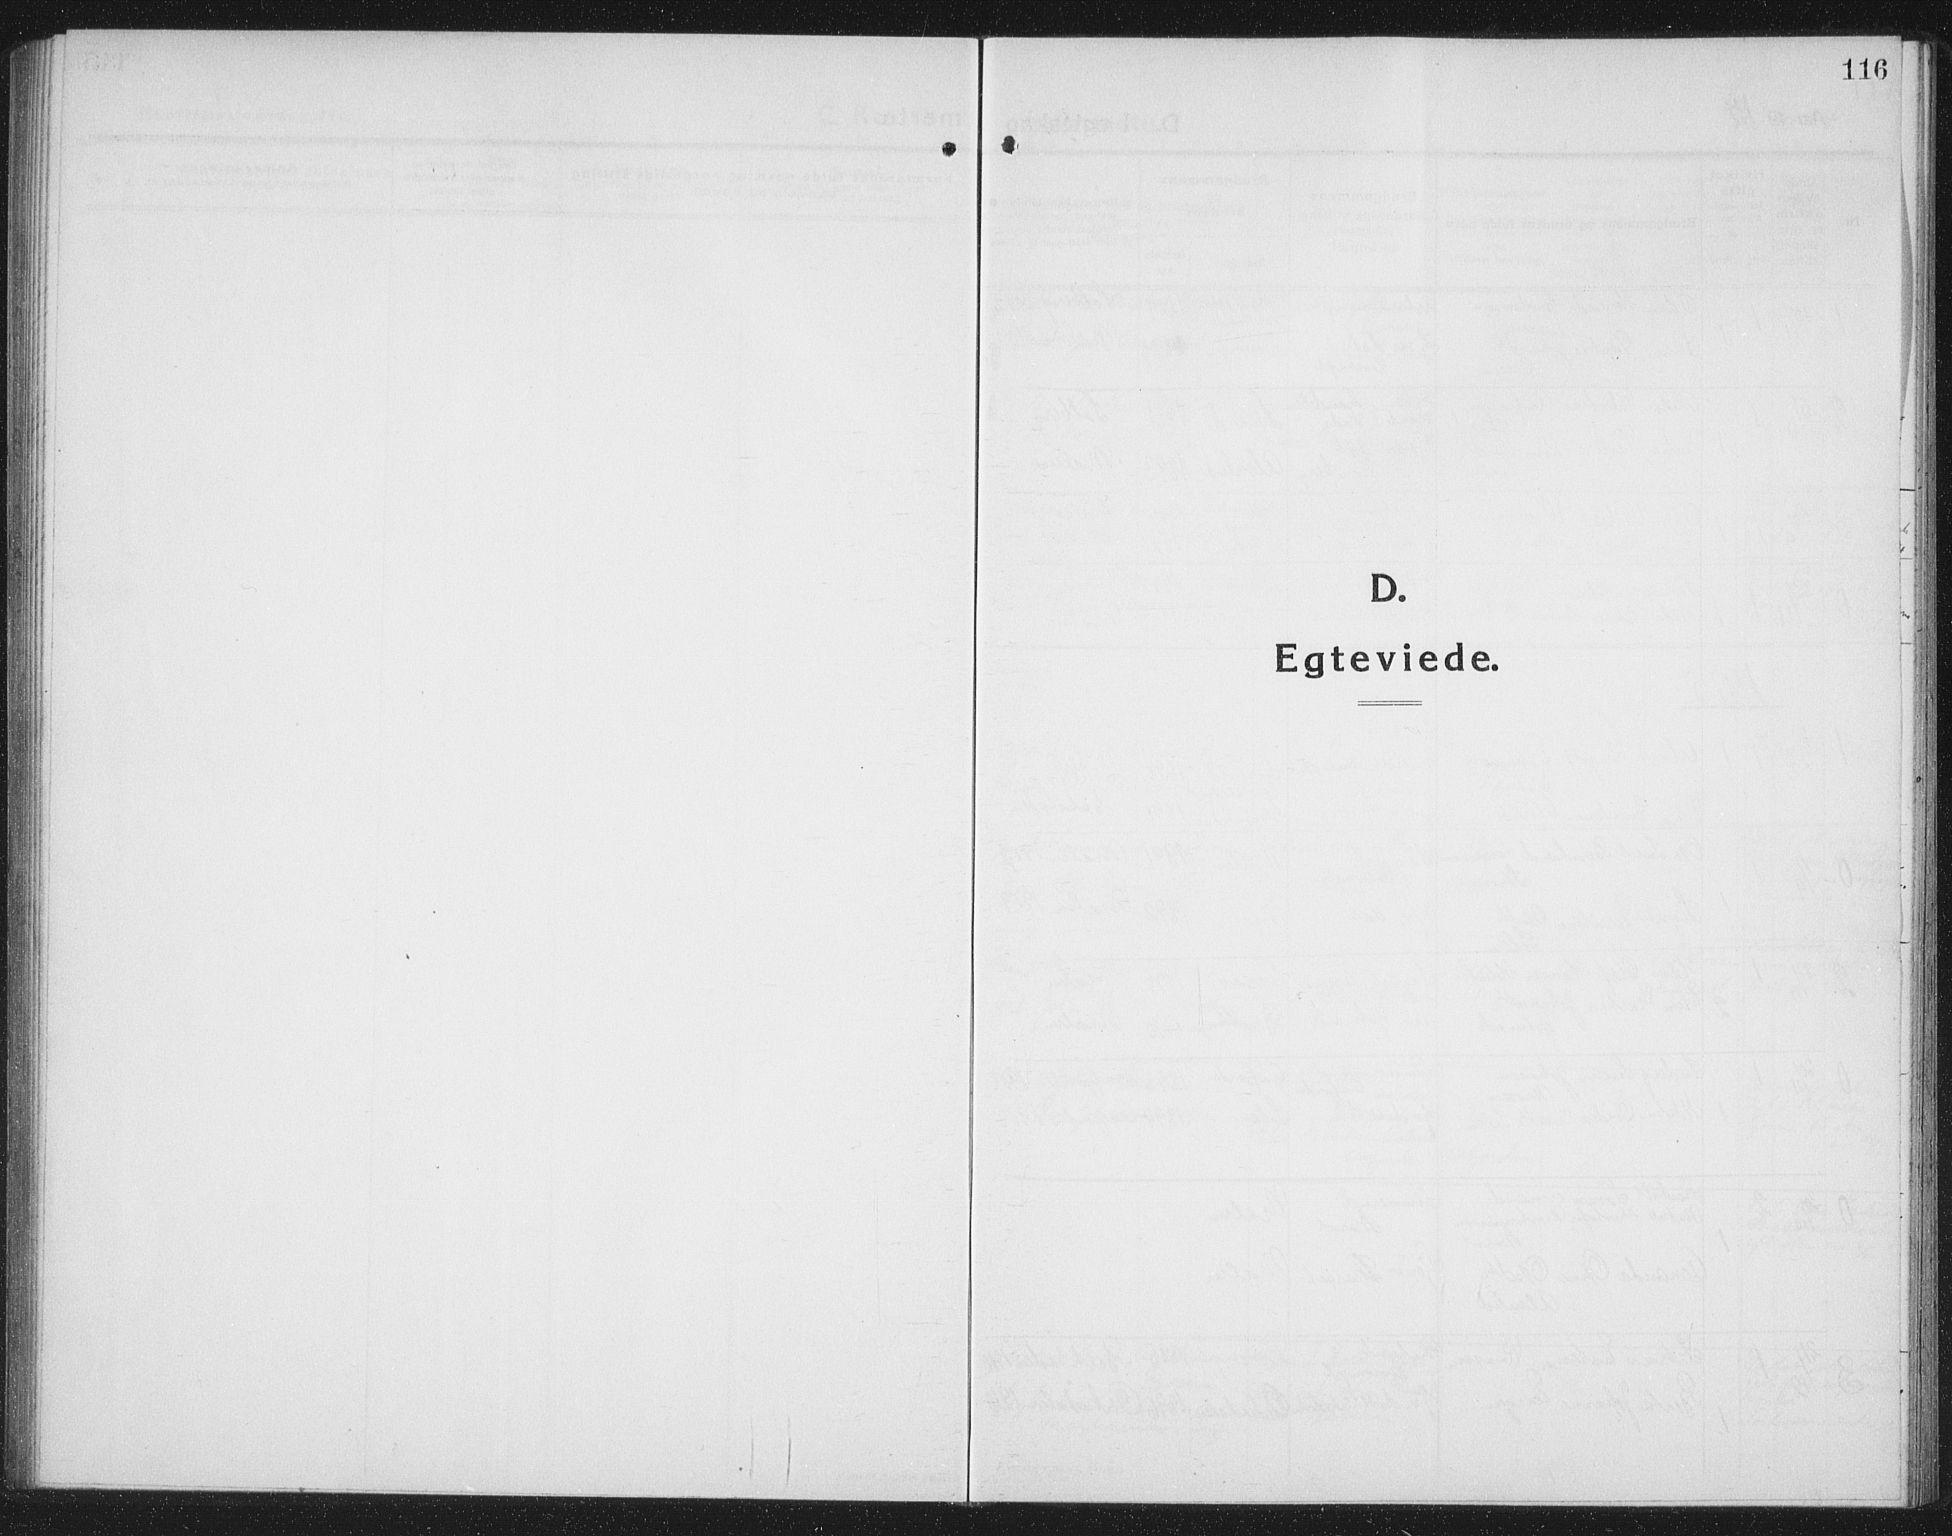 SAT, Ministerialprotokoller, klokkerbøker og fødselsregistre - Nord-Trøndelag, 745/L0434: Klokkerbok nr. 745C03, 1914-1937, s. 116